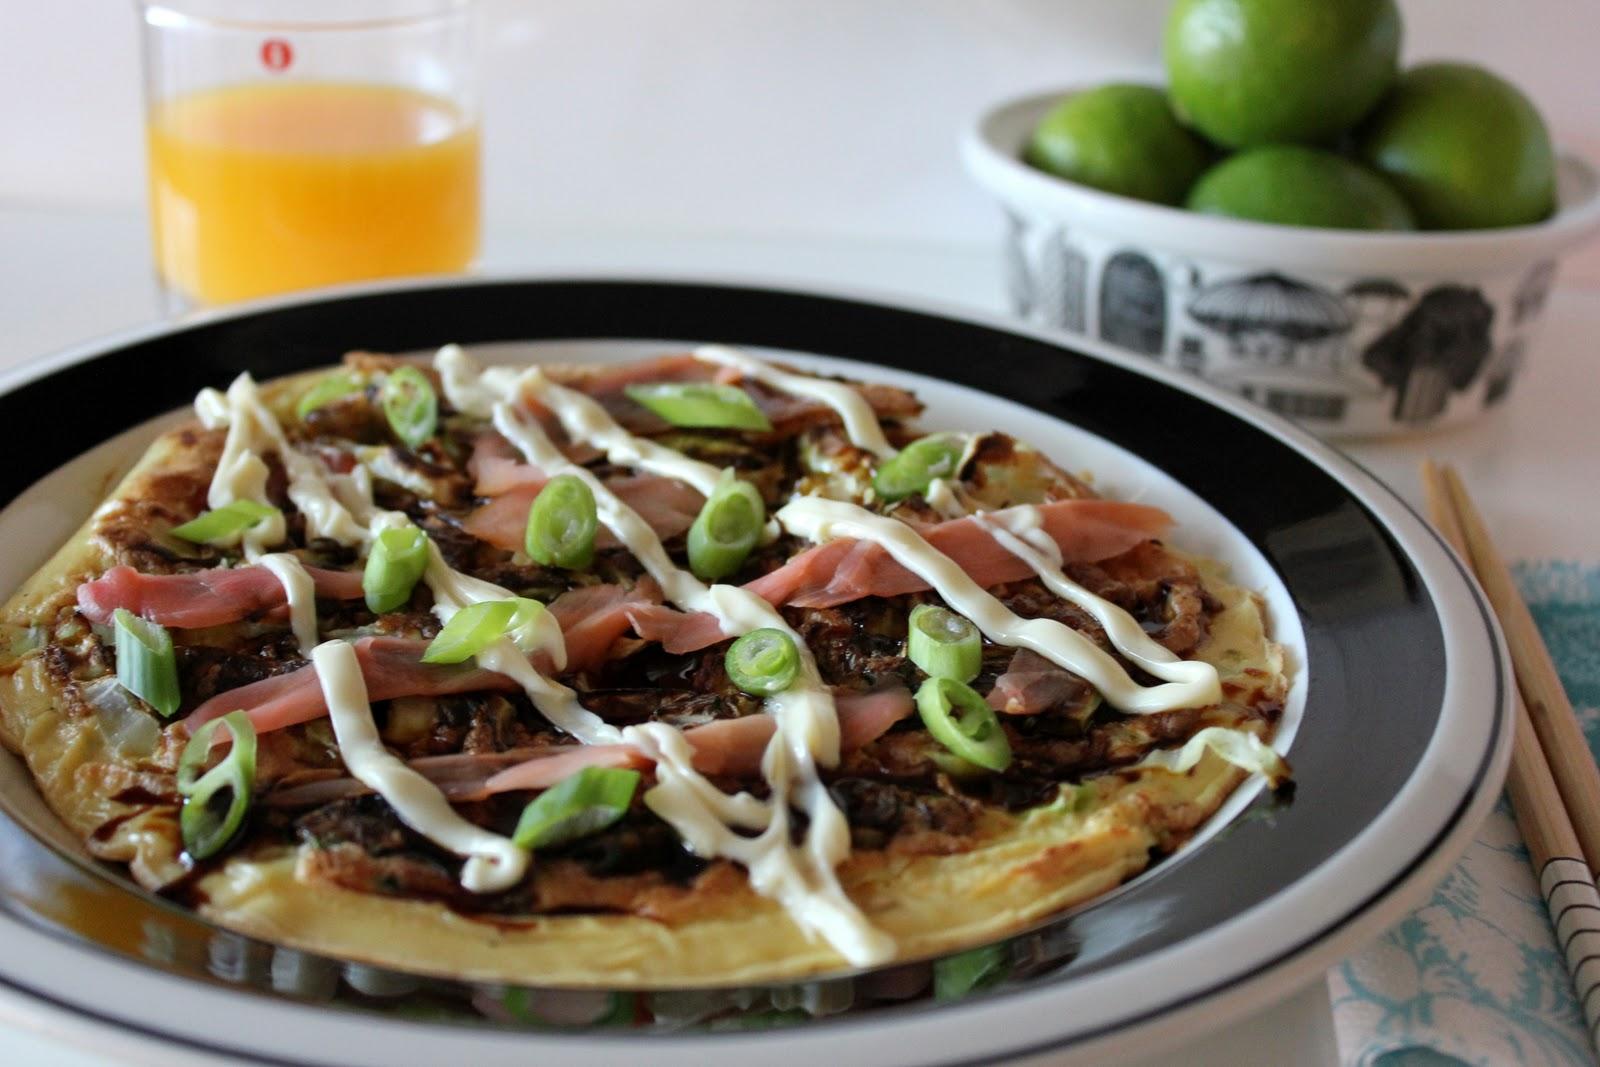 Okonomiyaki – Japanese savoury pancake » cake crumbs & beach sand